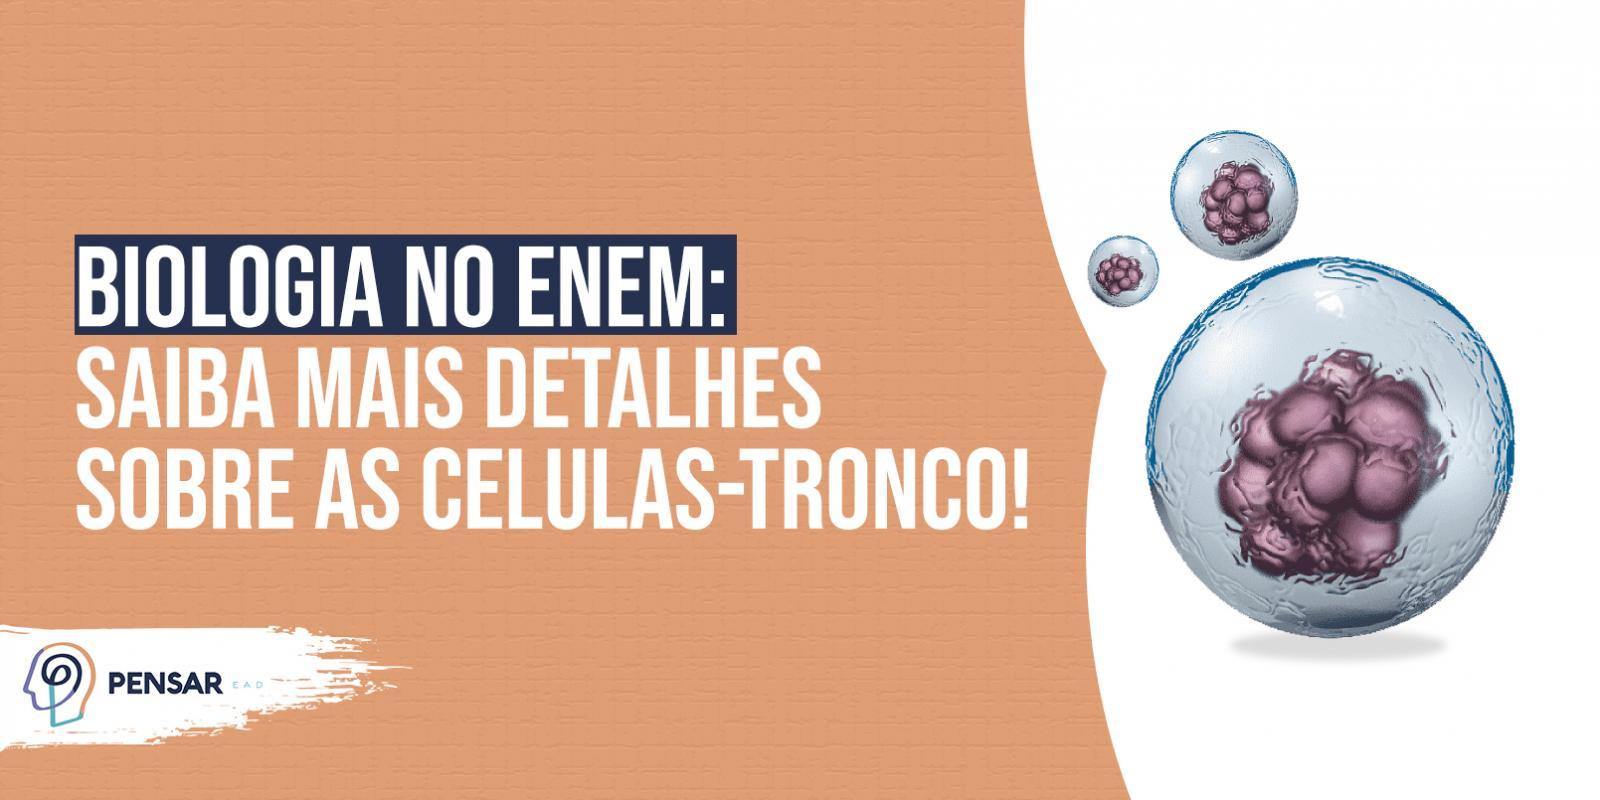 Biologia no ENEM: saiba mais detalhes sobre as células-tronco!